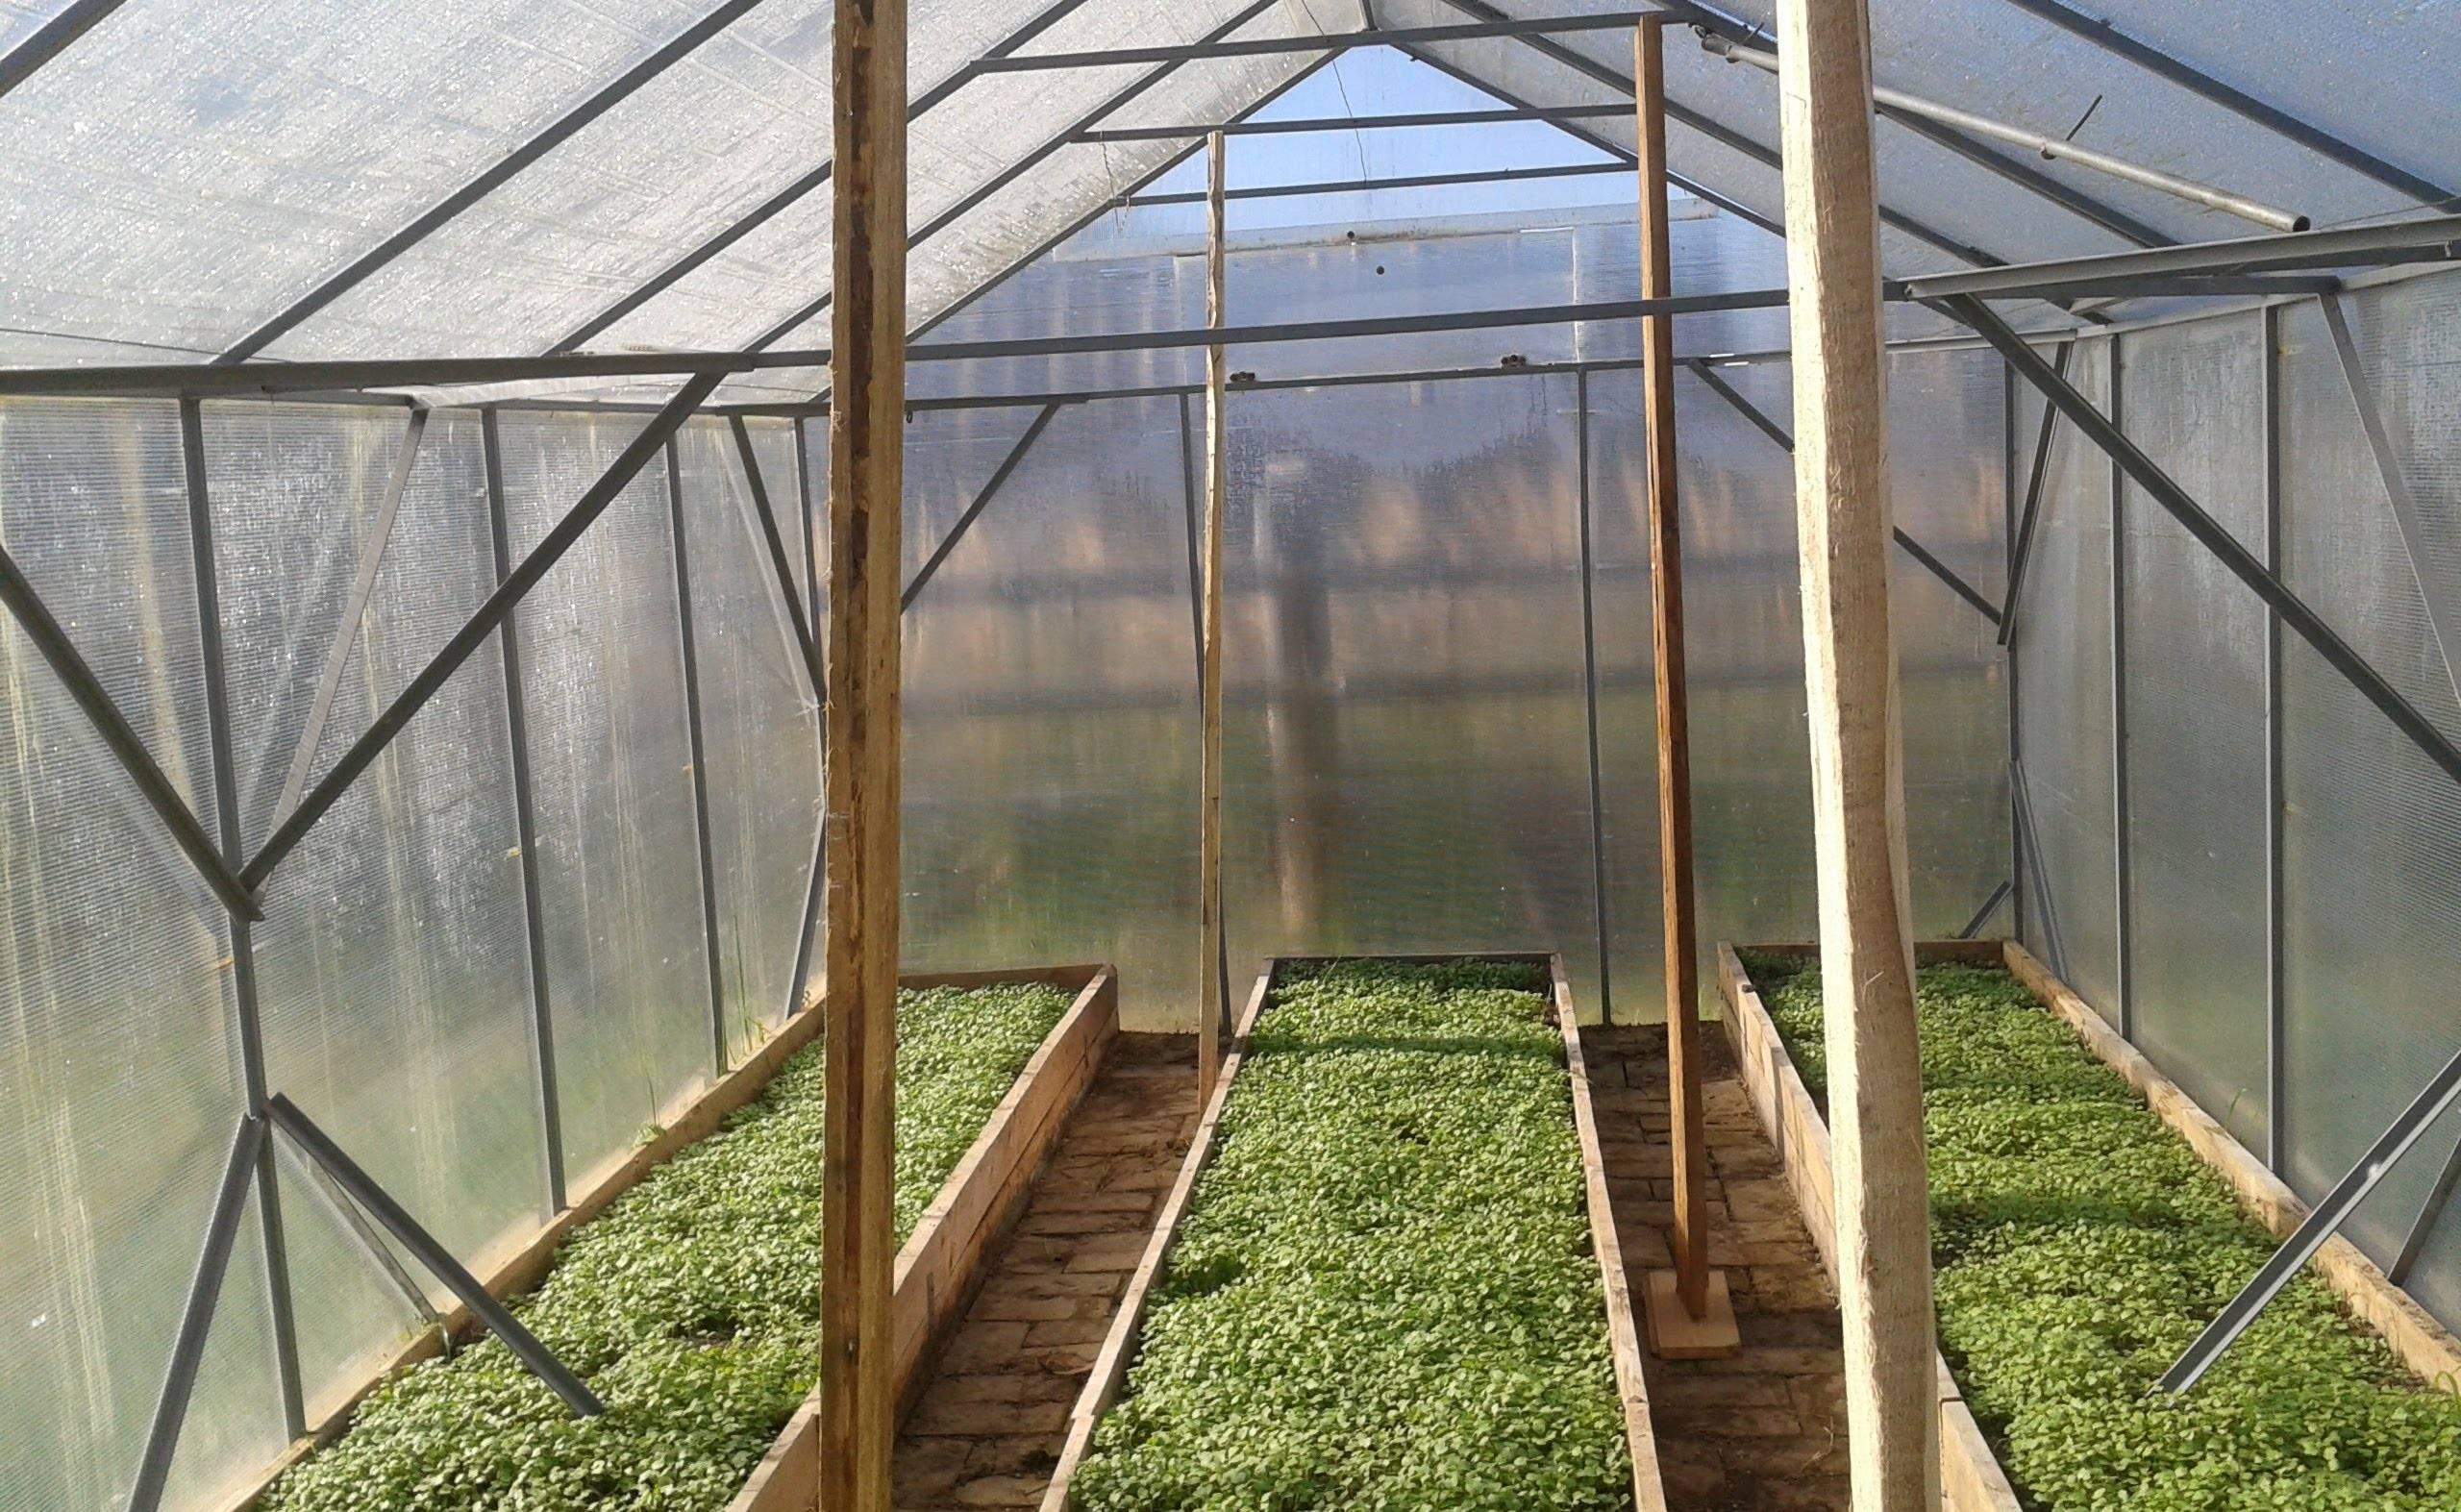 Теплицы для выращивания овощей круглый год - разновидности, инструкции по изготовлению